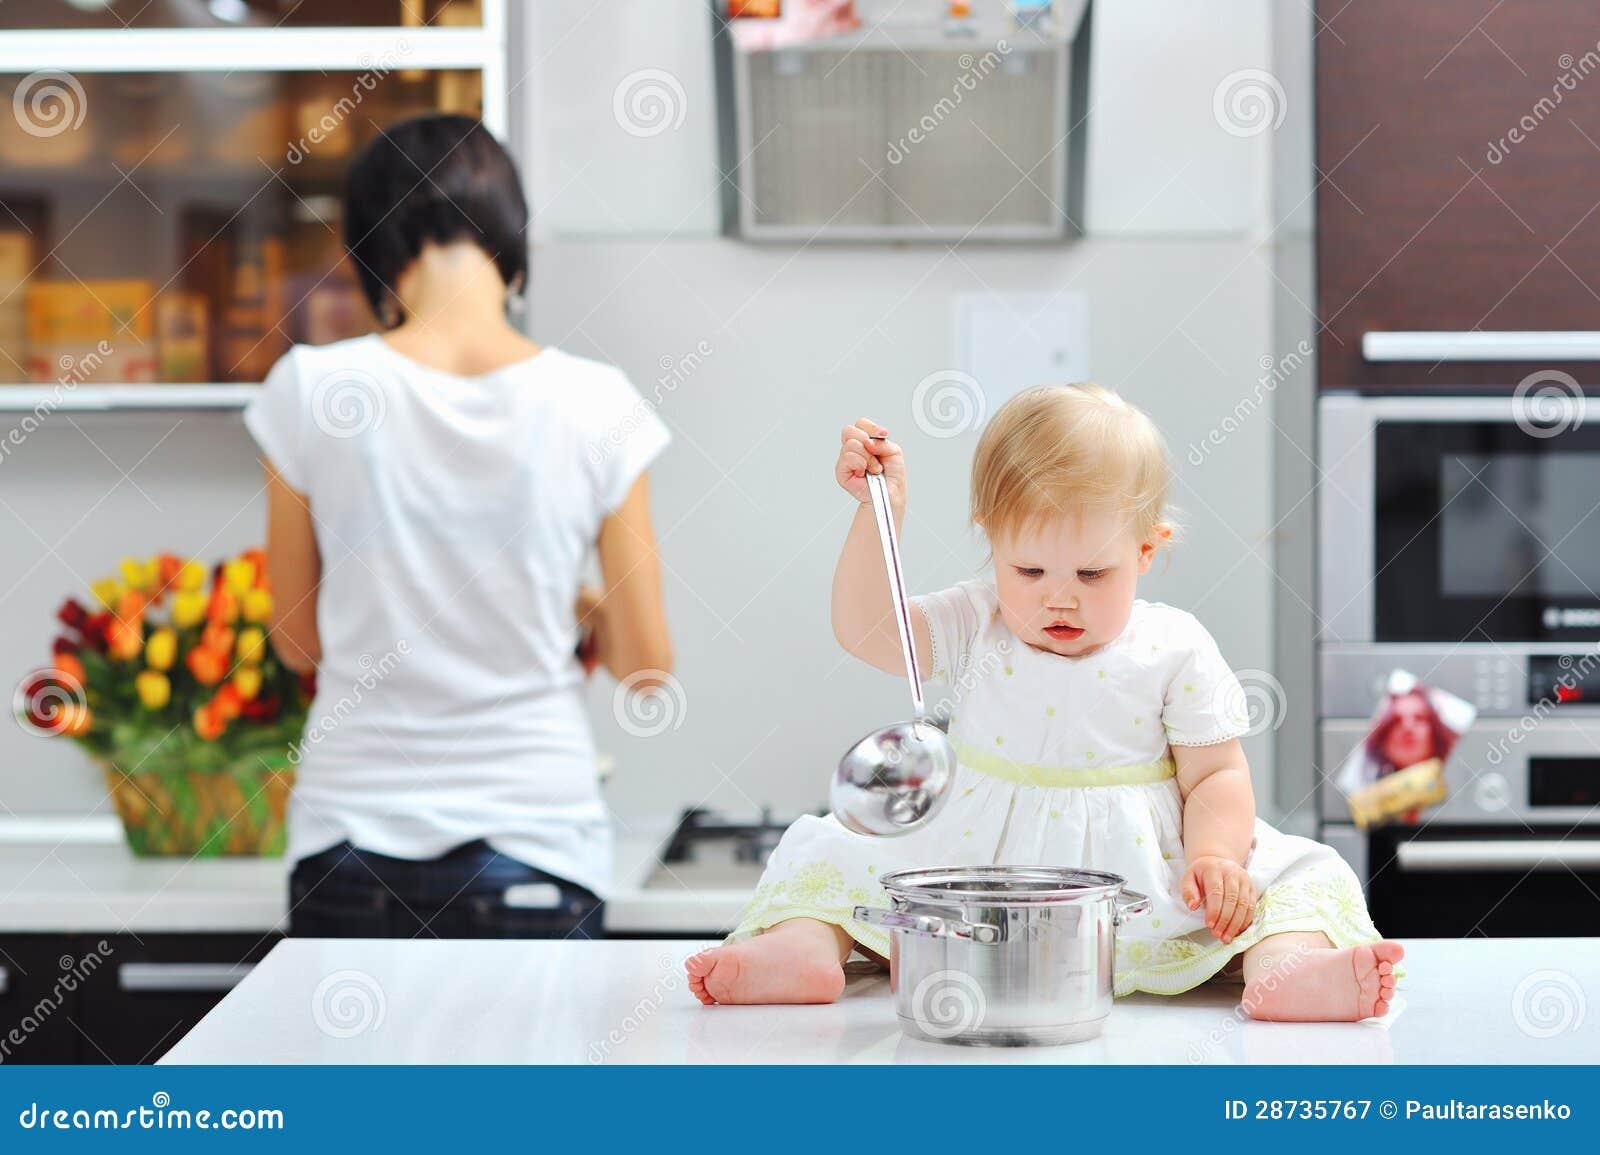 petite fille faisant cuire sur une cuisine avec la m re l arri re plan. Black Bedroom Furniture Sets. Home Design Ideas